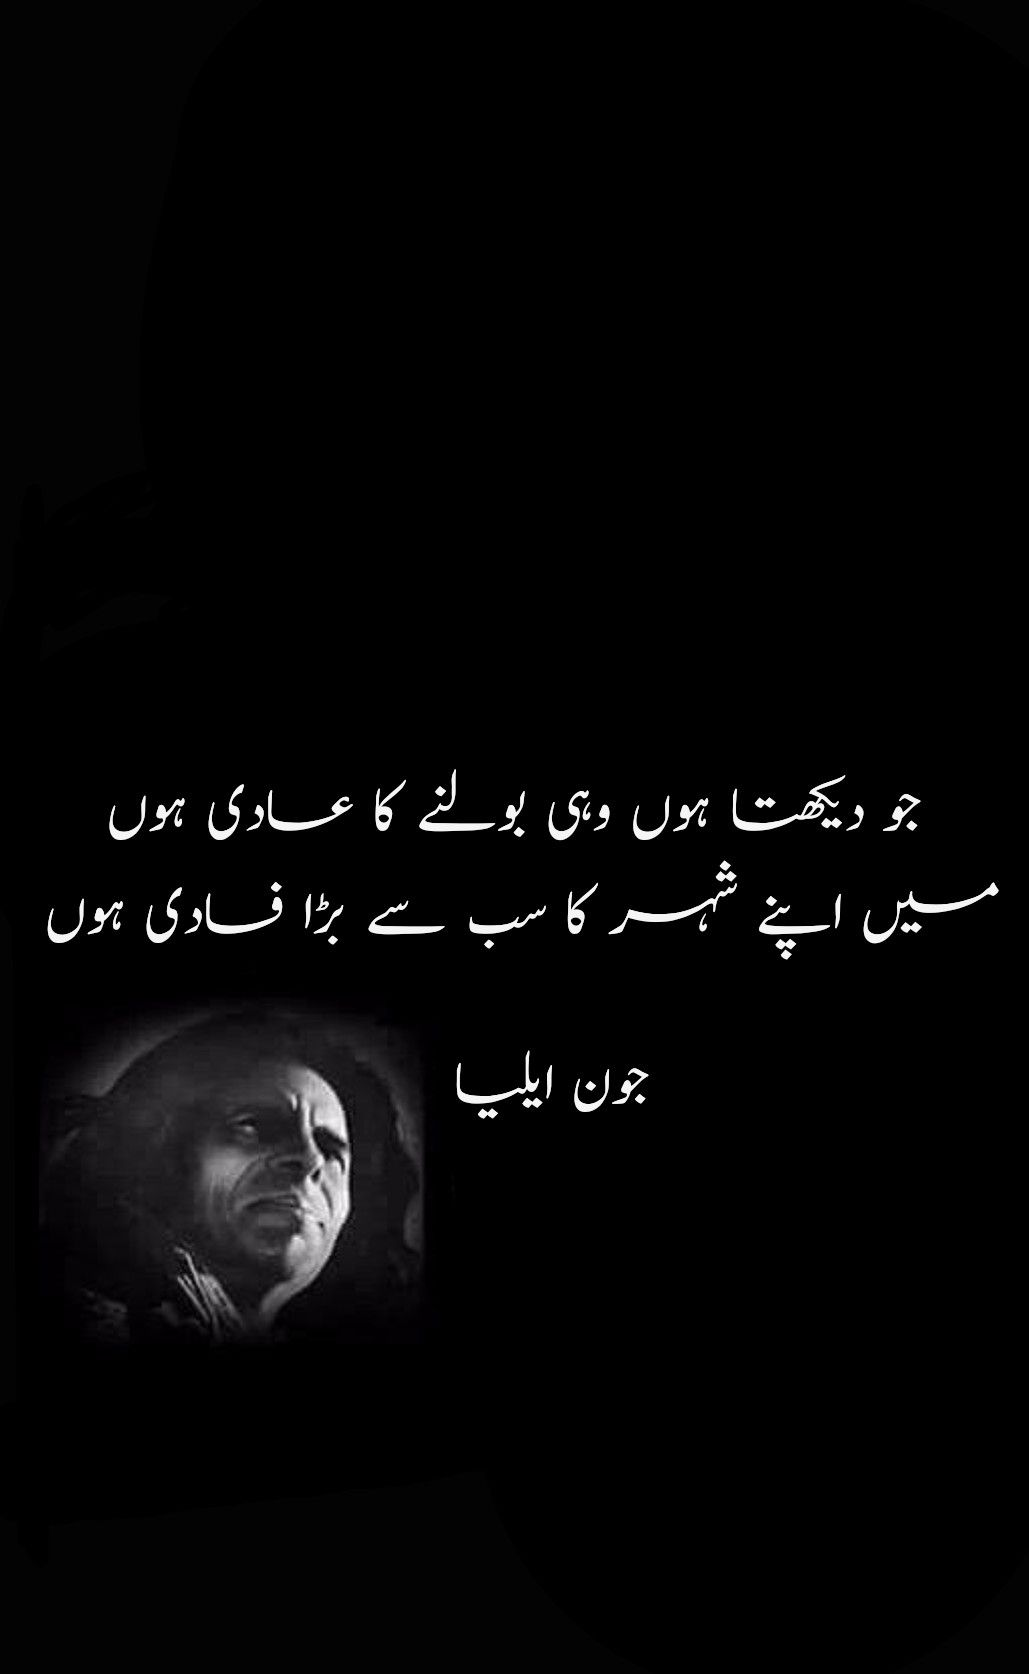 Pin by Sunny Shaikh on Urdu Quote/Shayri   Urdu poetry, Poetry, Urdu